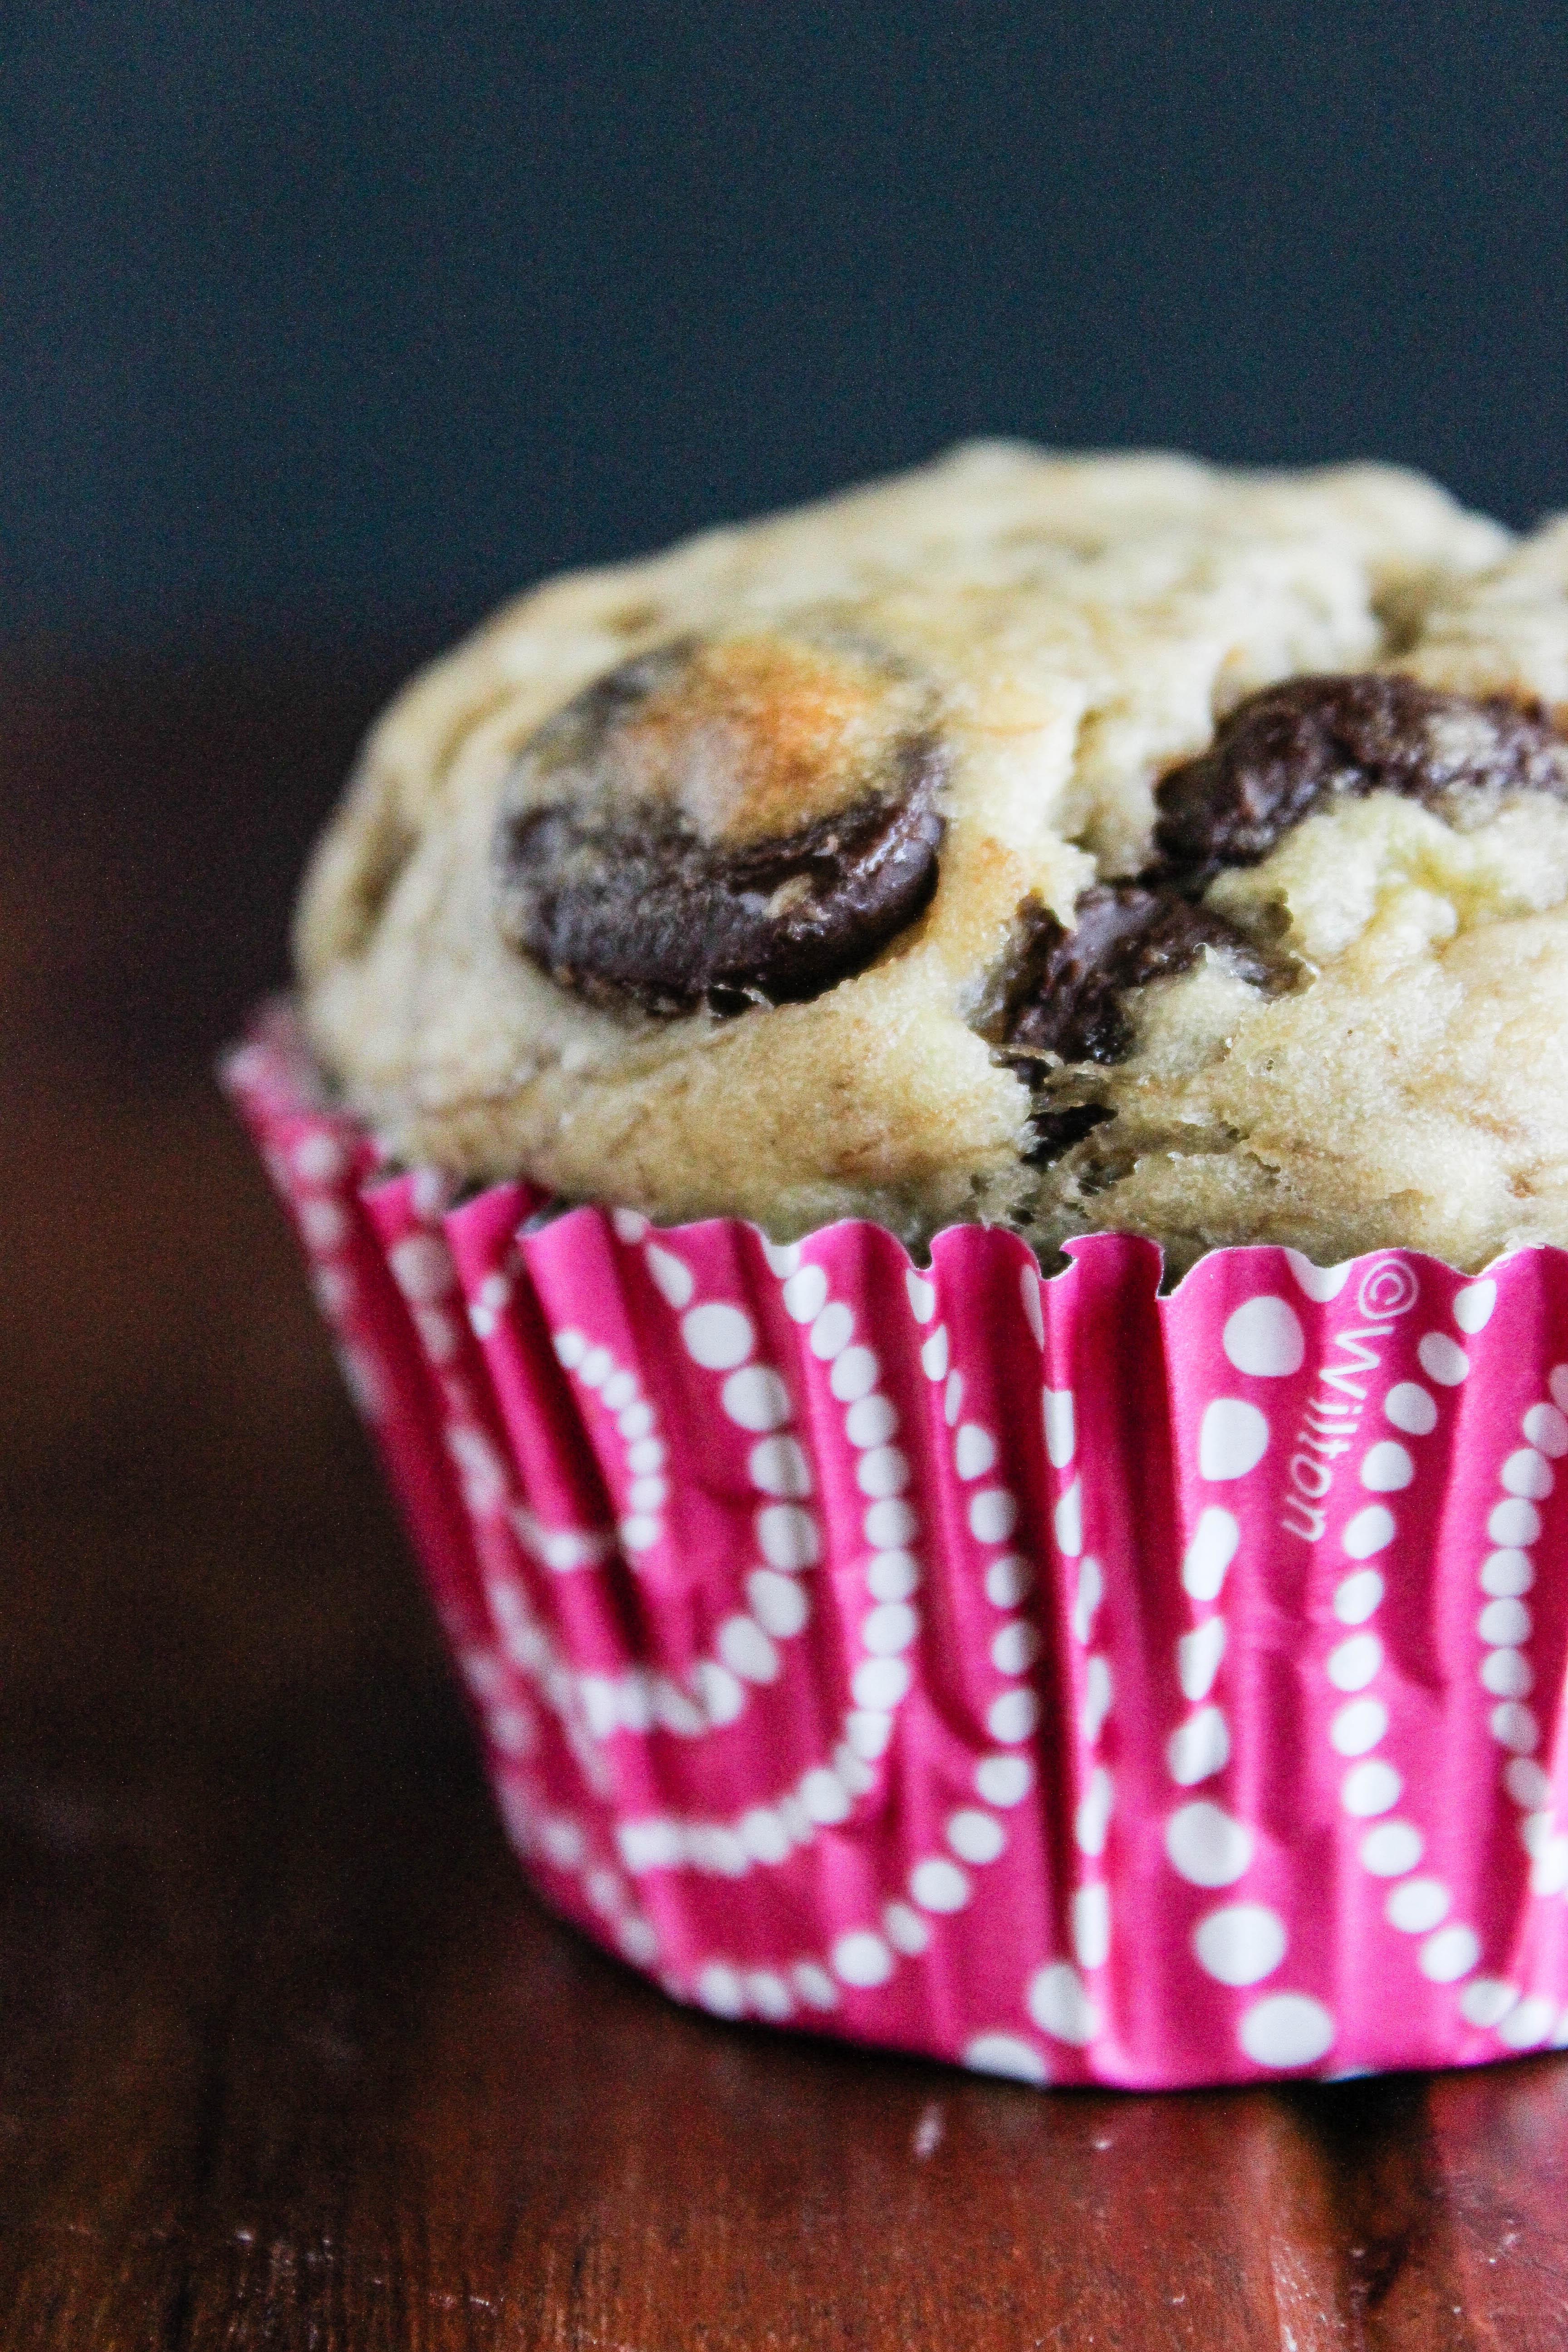 choc chip banana muffin